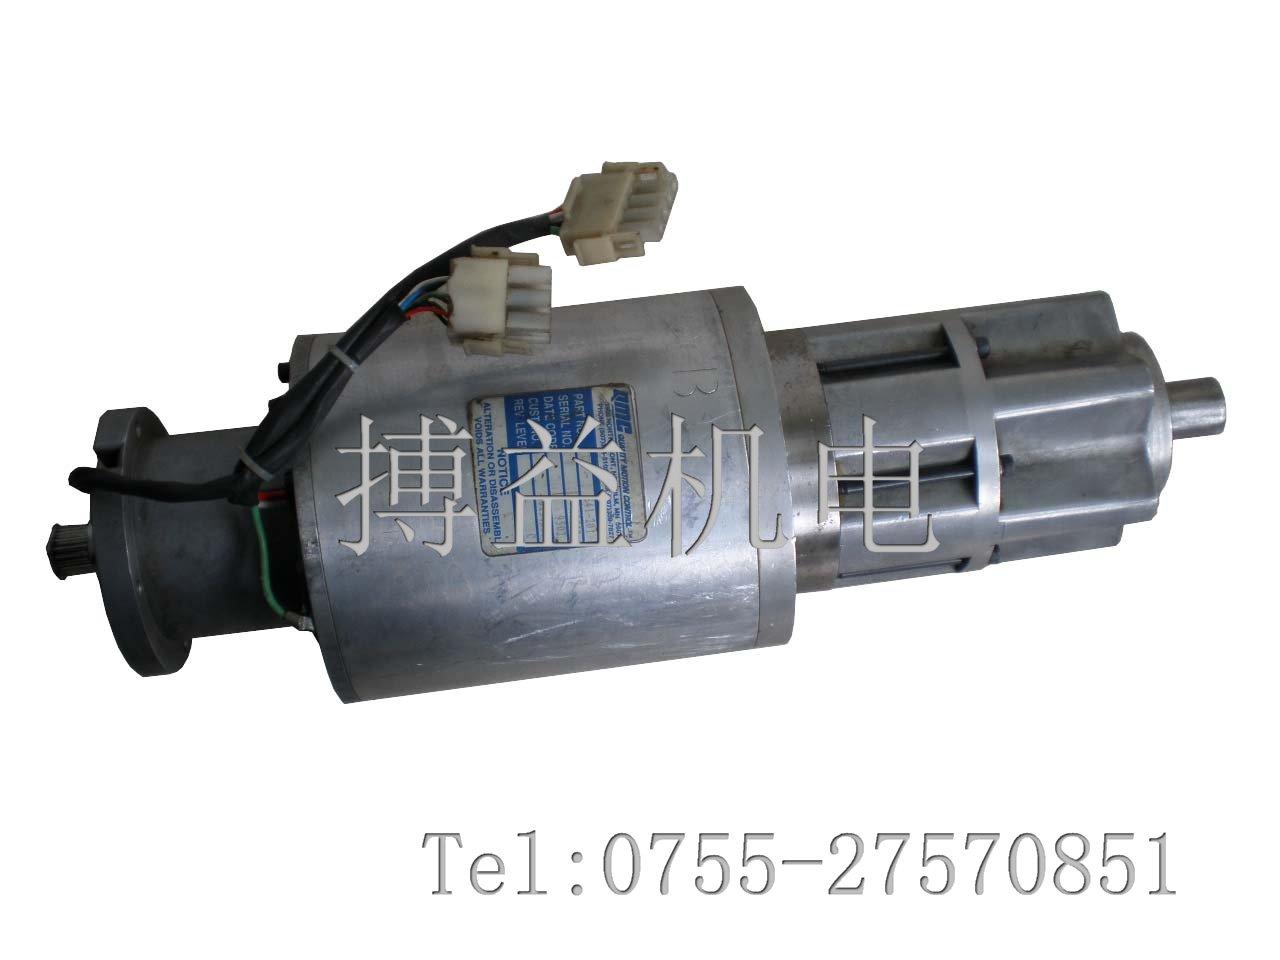 南昌维修排料机驱动马达ECM主轴伺服电机维修642-201